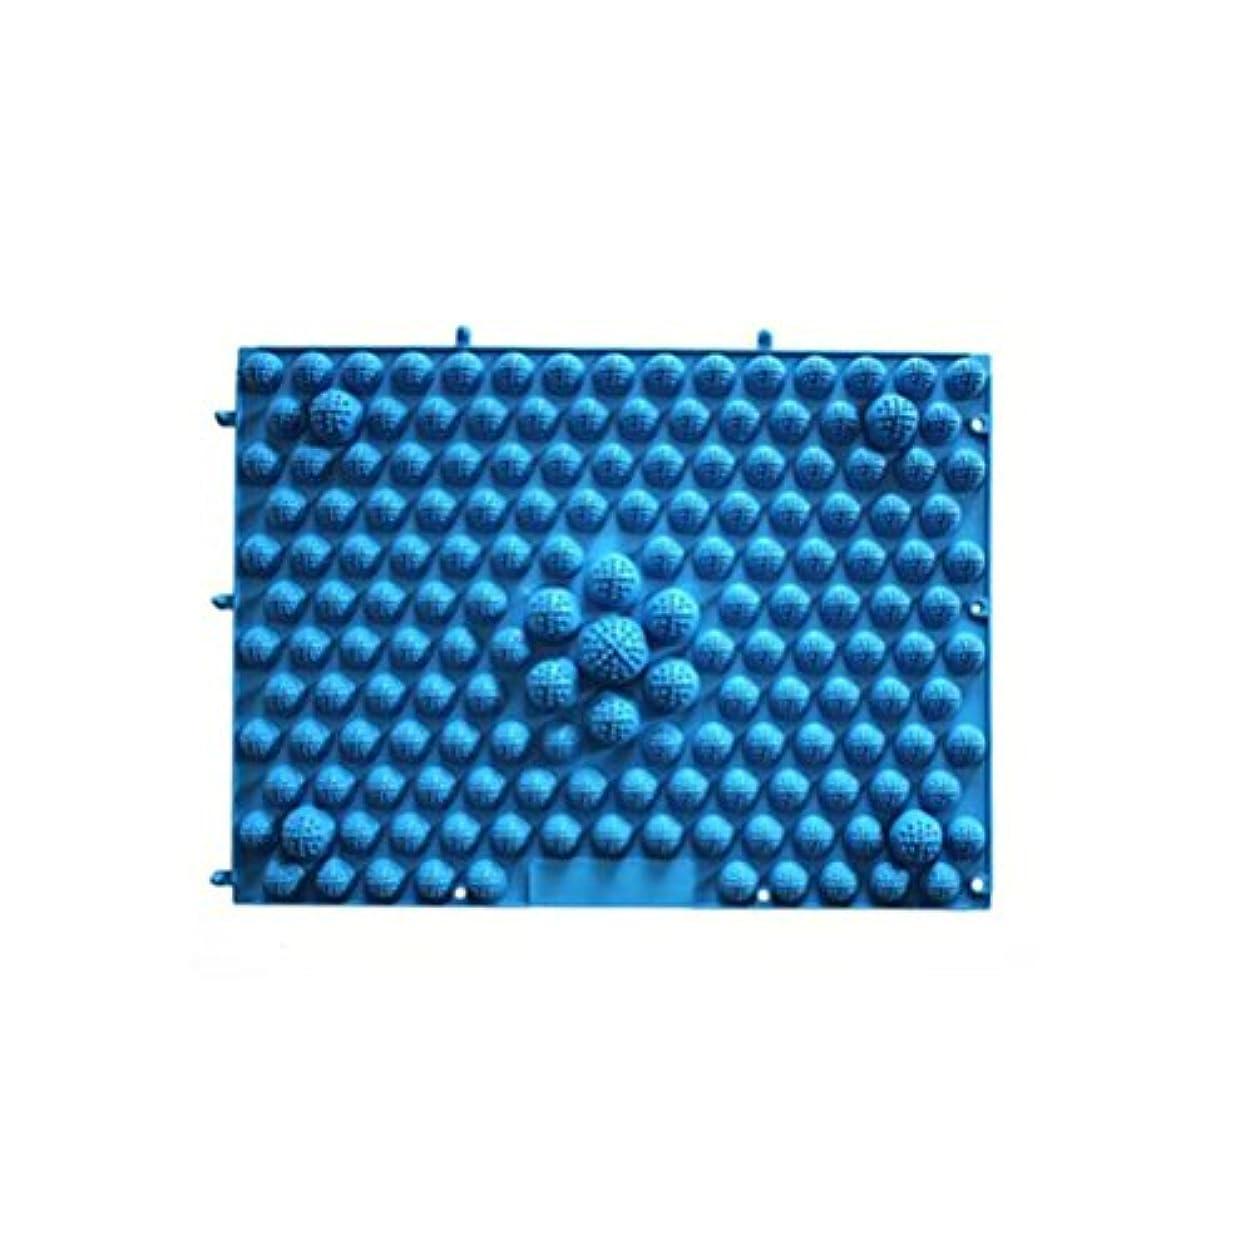 雑多なパーティー下向きROSENICE 足マッサージマット 血液循環指圧マットフィートヘルスケアマッサージプレート(ブルー)